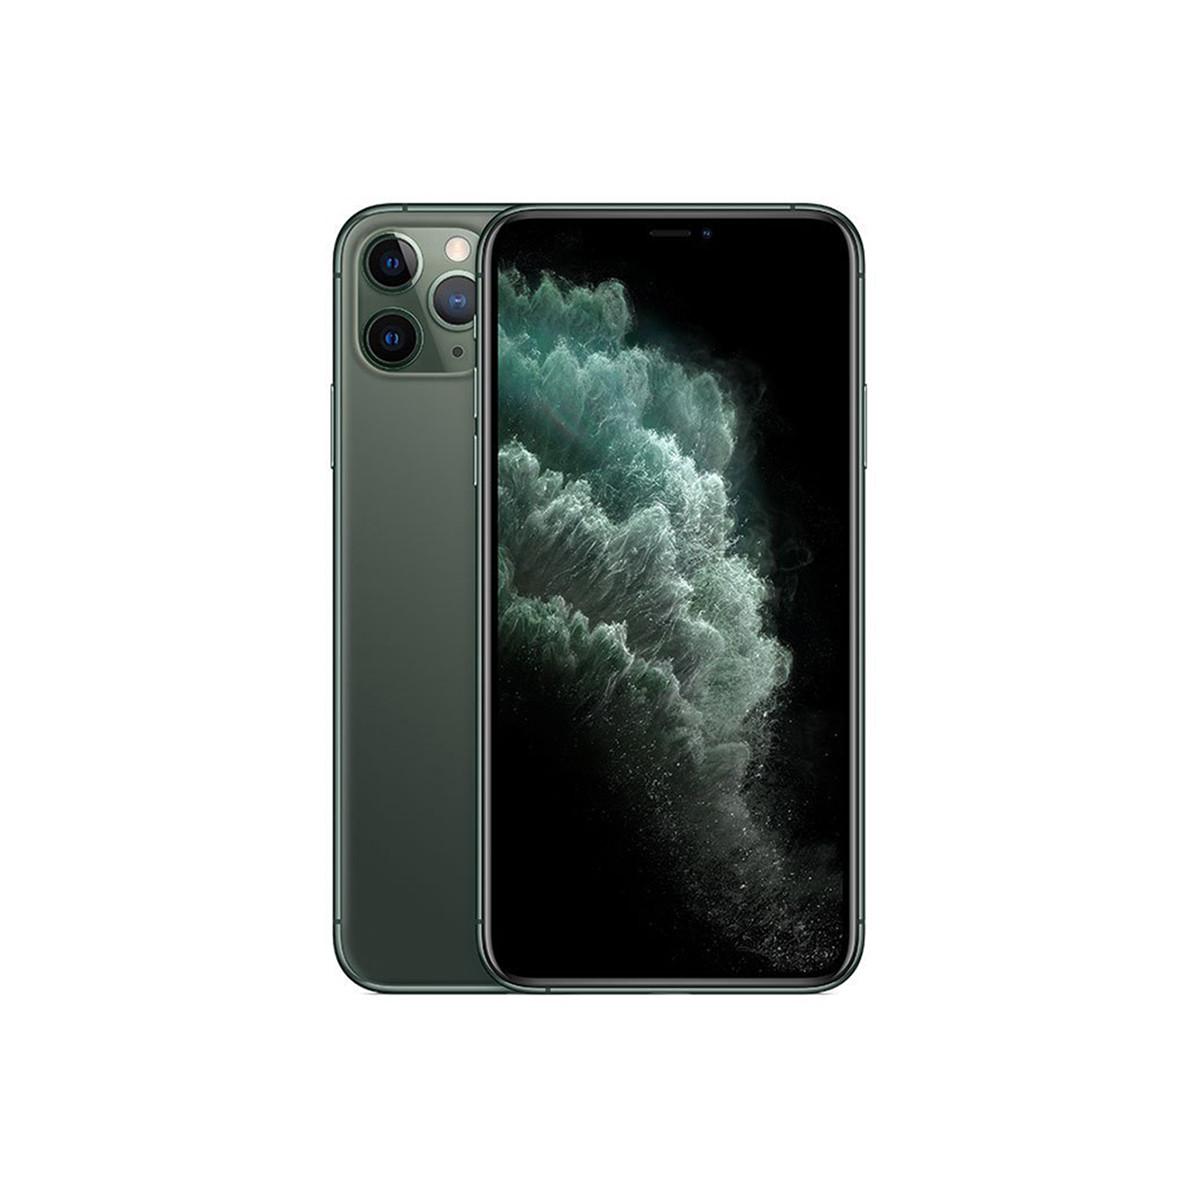 苹果iPhone 11 Pro【壳膜+支架指环扣套餐】 全网通 4G手机DFXYD-iPhone11Pro暗夜绿